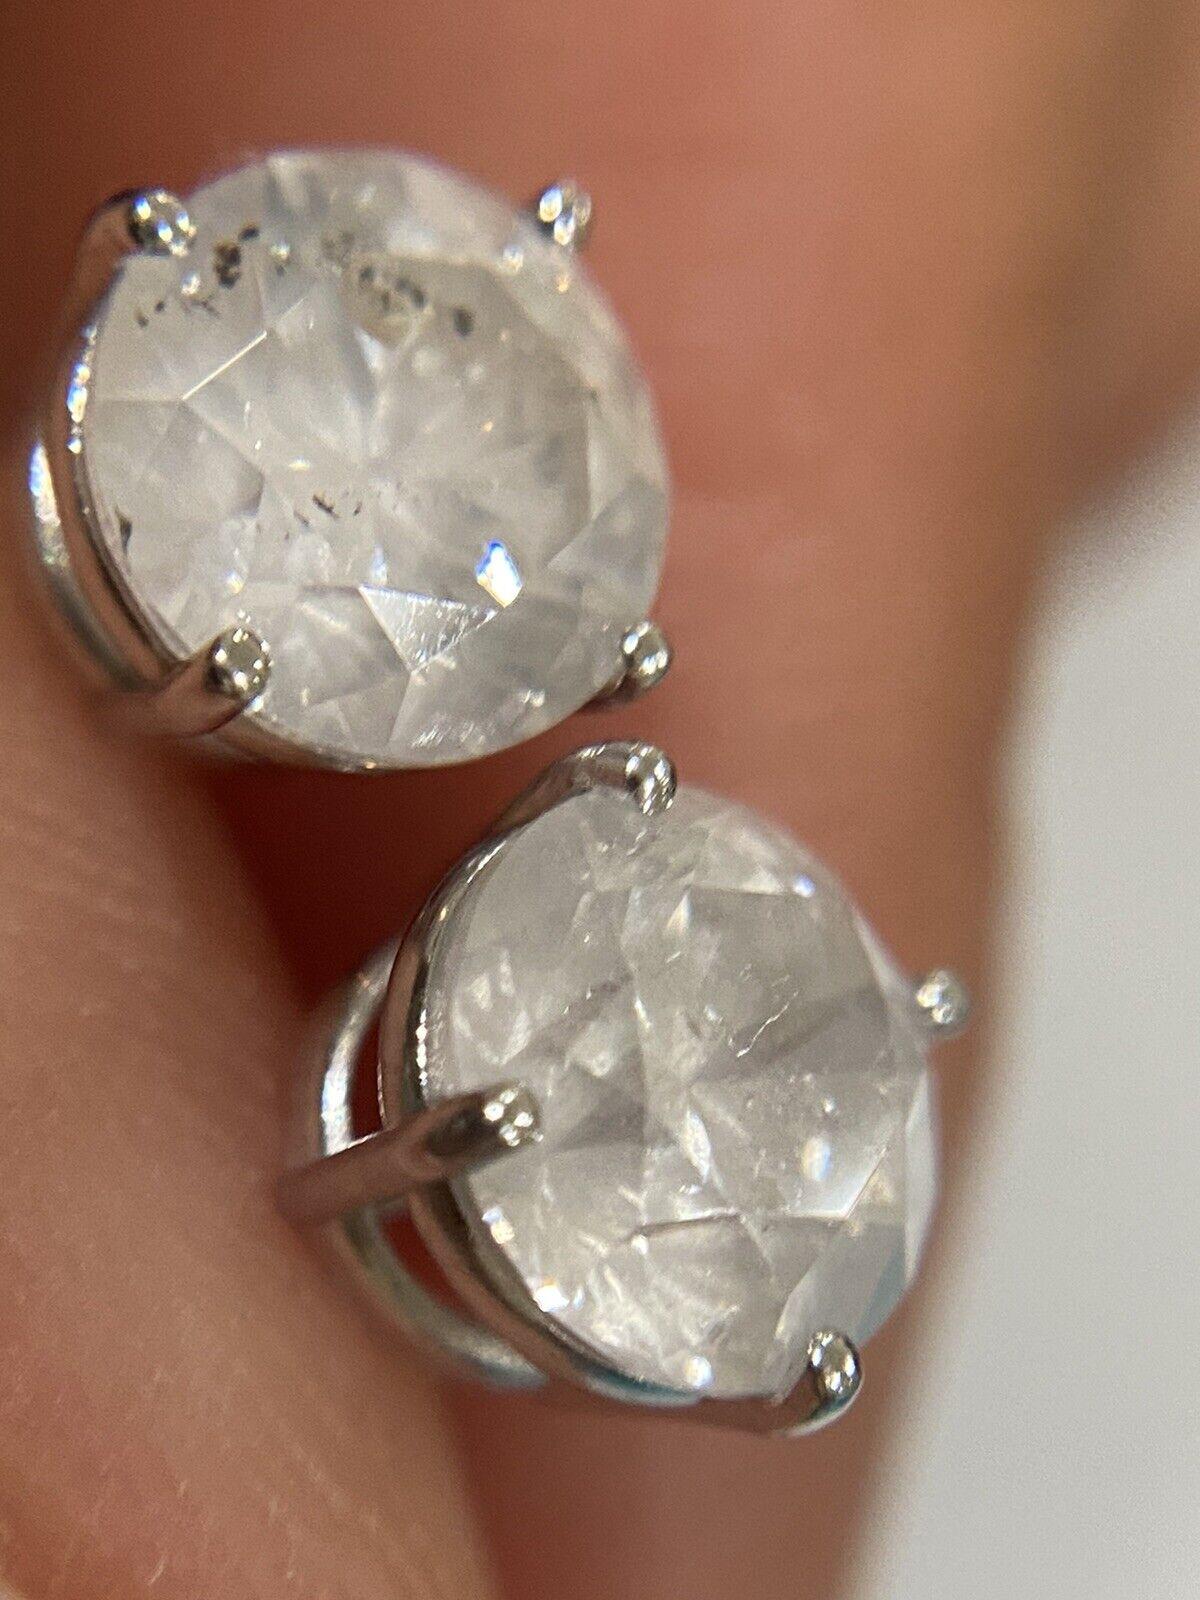 diamond stud earrings 2.46 Ct - image 1